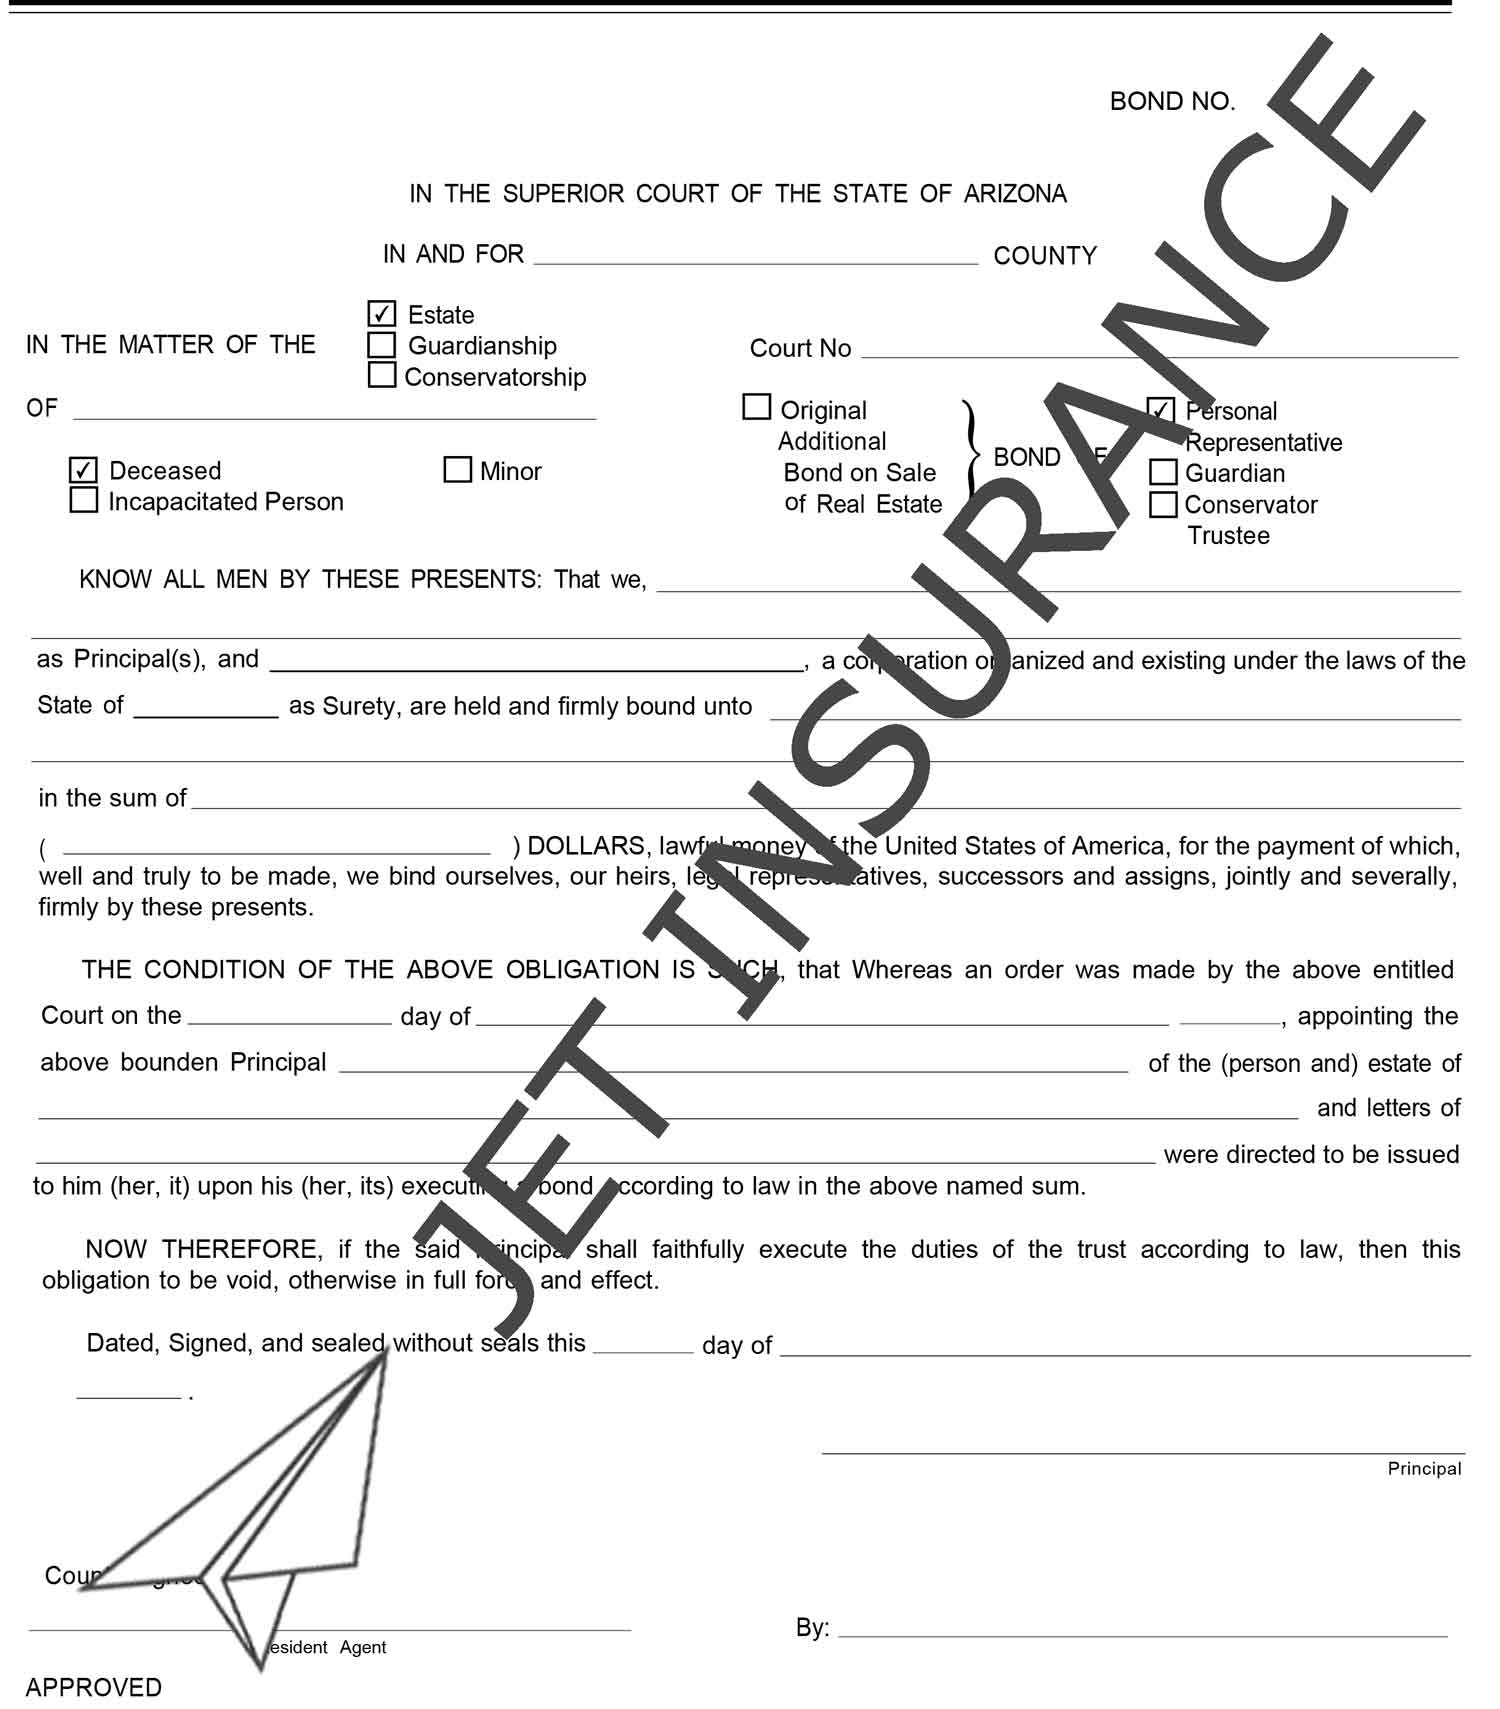 Arizona Administrator and Executor Bond Form